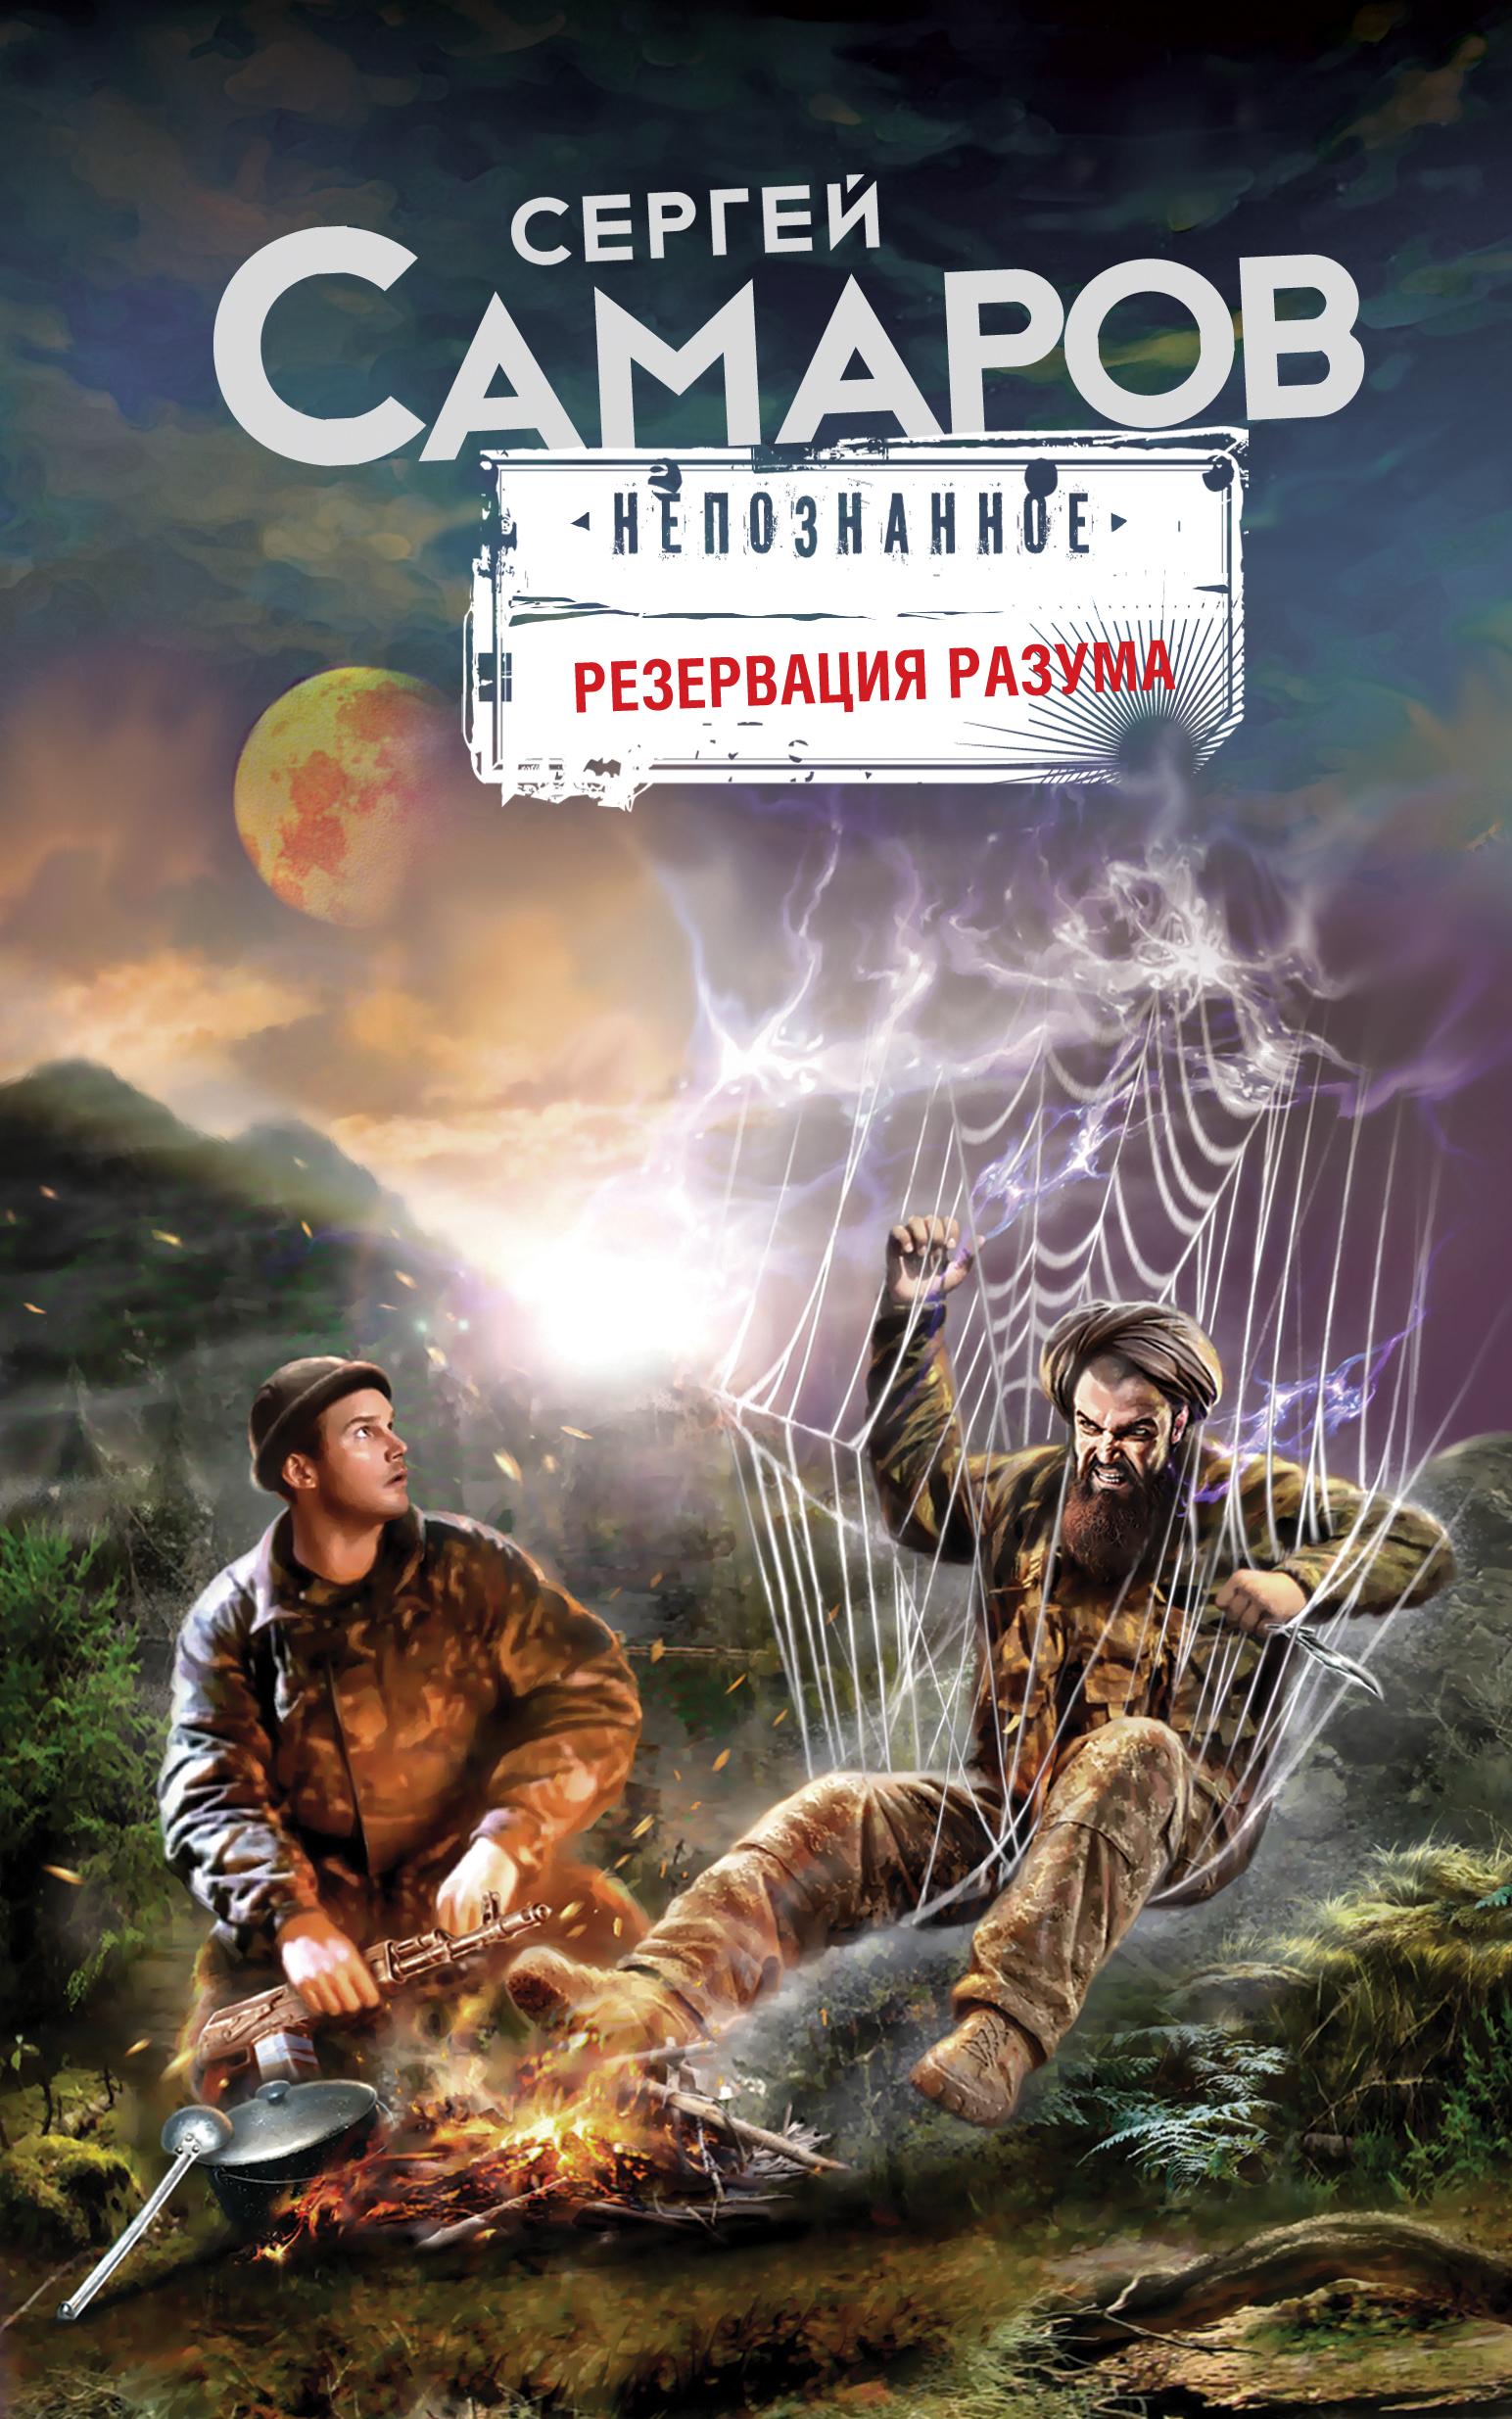 Сергей Самаров Резервация разума сергей самаров закон ответного удара